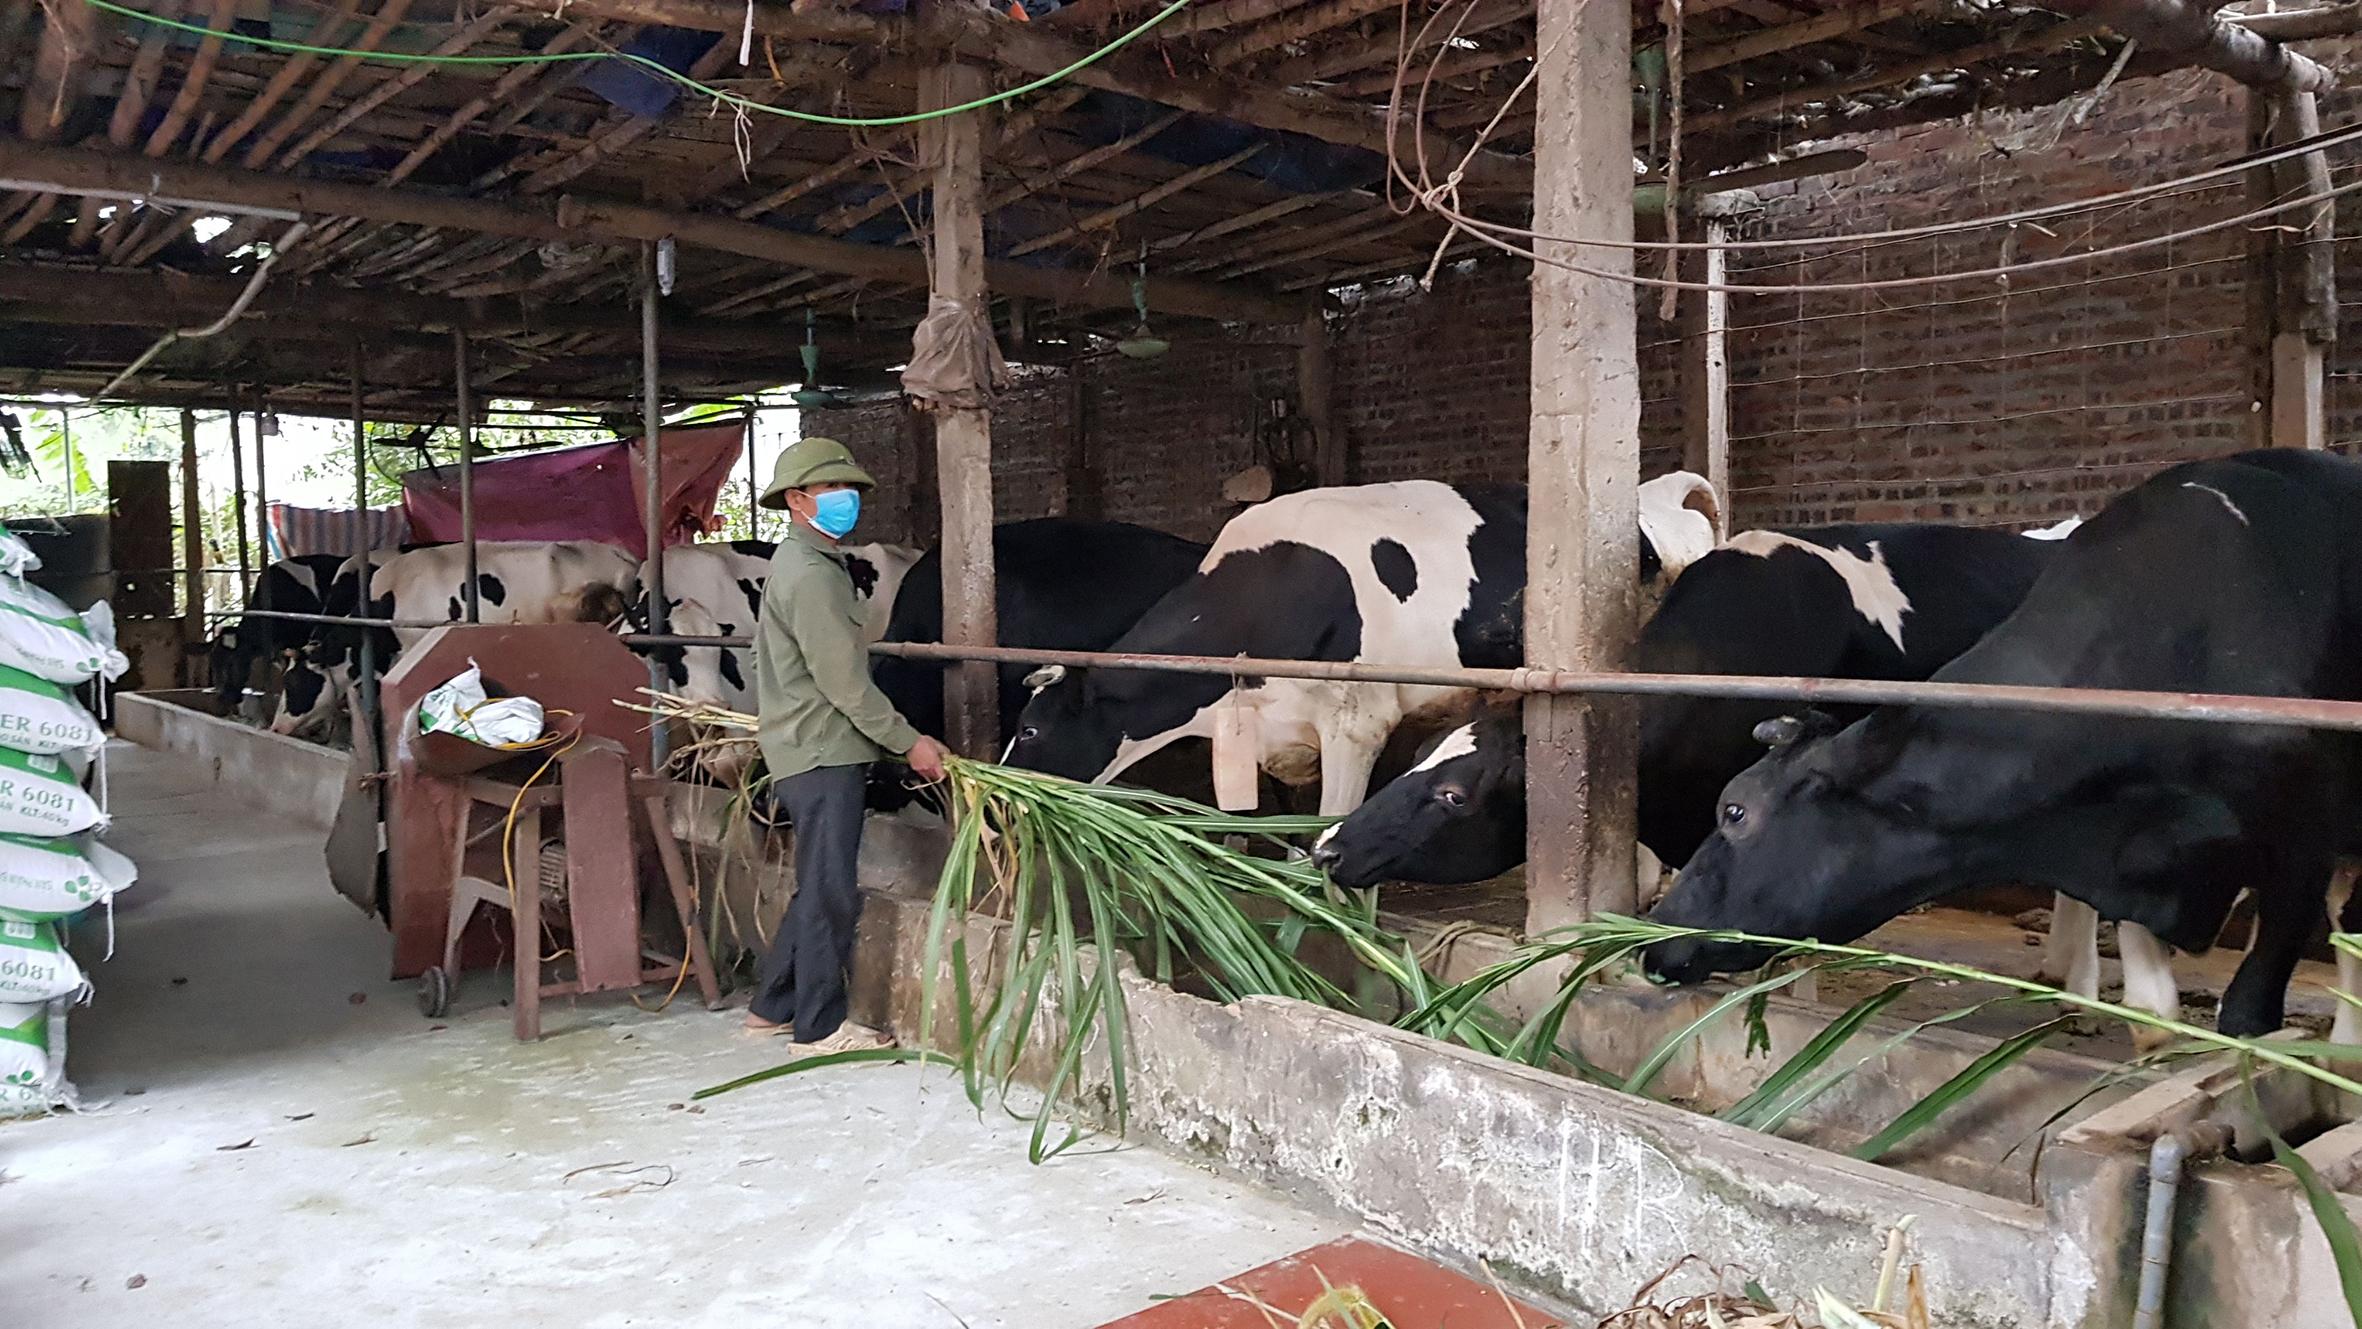 Anh Phương Văn Trung (chồng chị Nguyễn Thị Kiều) ở khu 2 thôn Chu Chàng, xã Minh Châu cho bò ăn